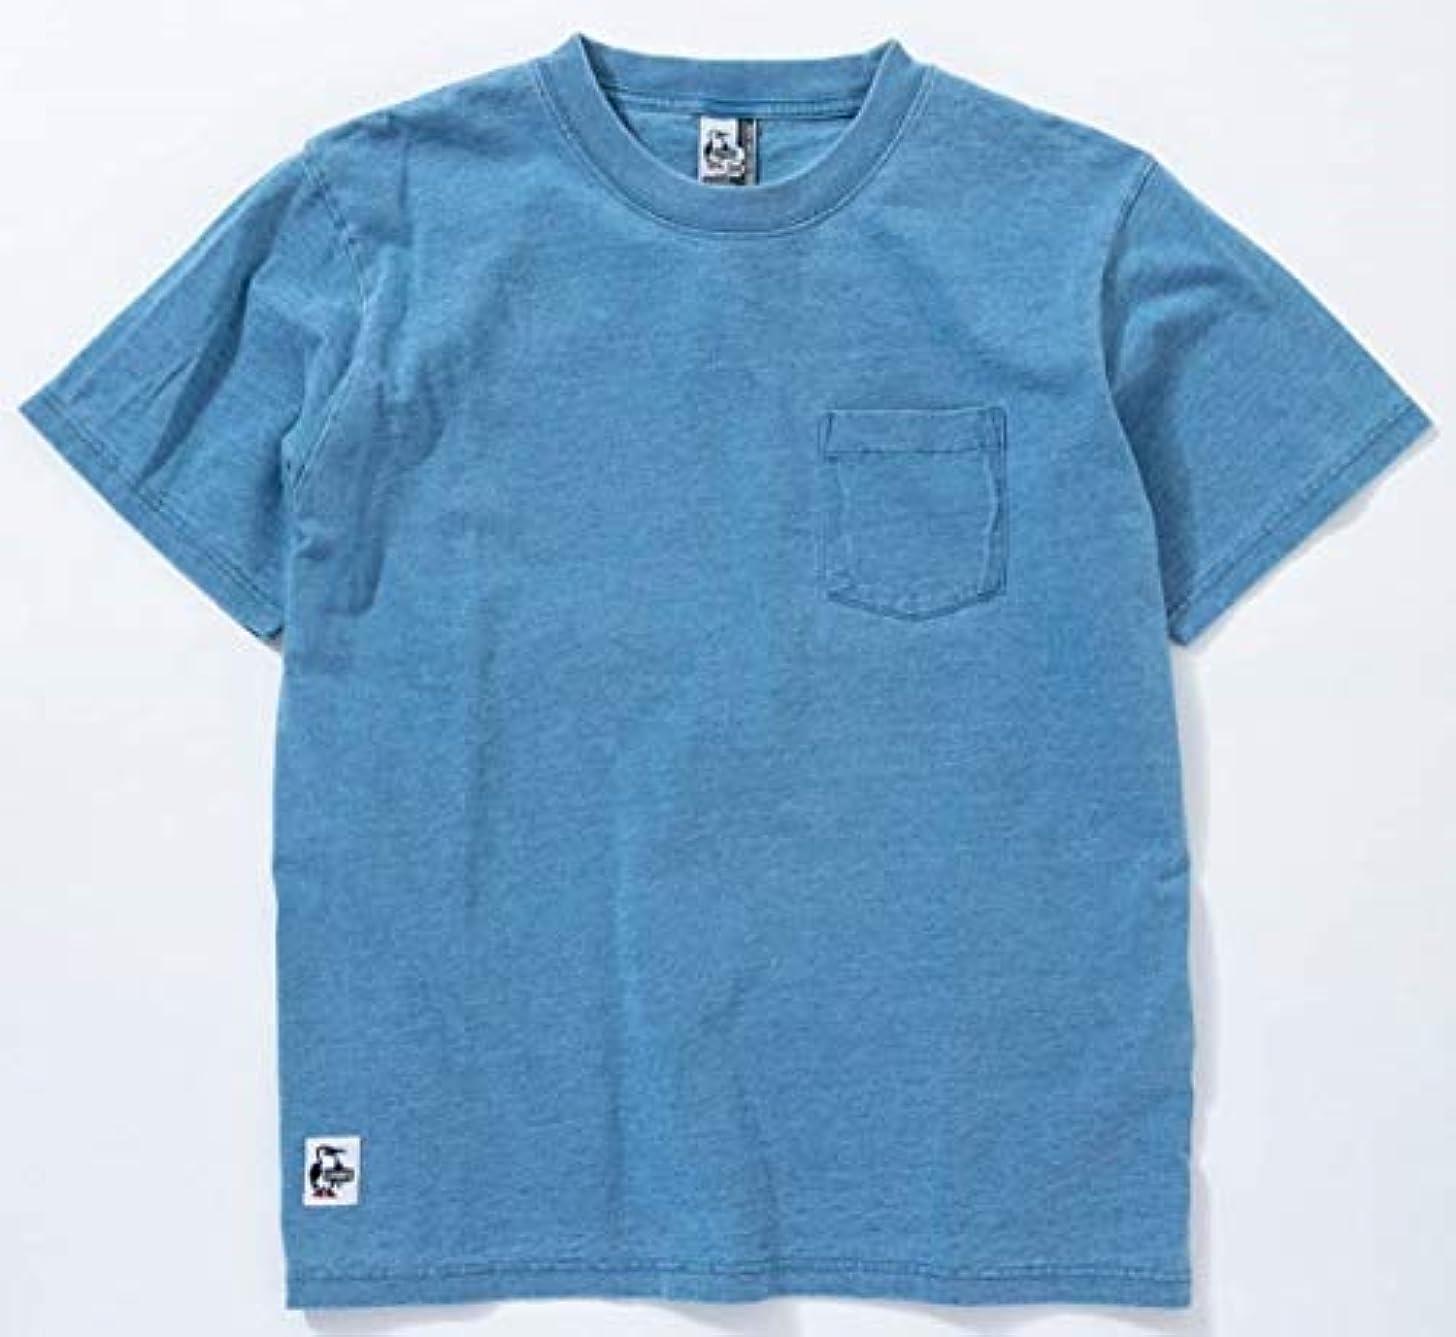 一掃するすごい下線[チャムス] Utah Pocket T-Shirt Indigo ユタポケット Tシャツ インディゴ CH01-1486 トップス 半袖 メンズ レディース